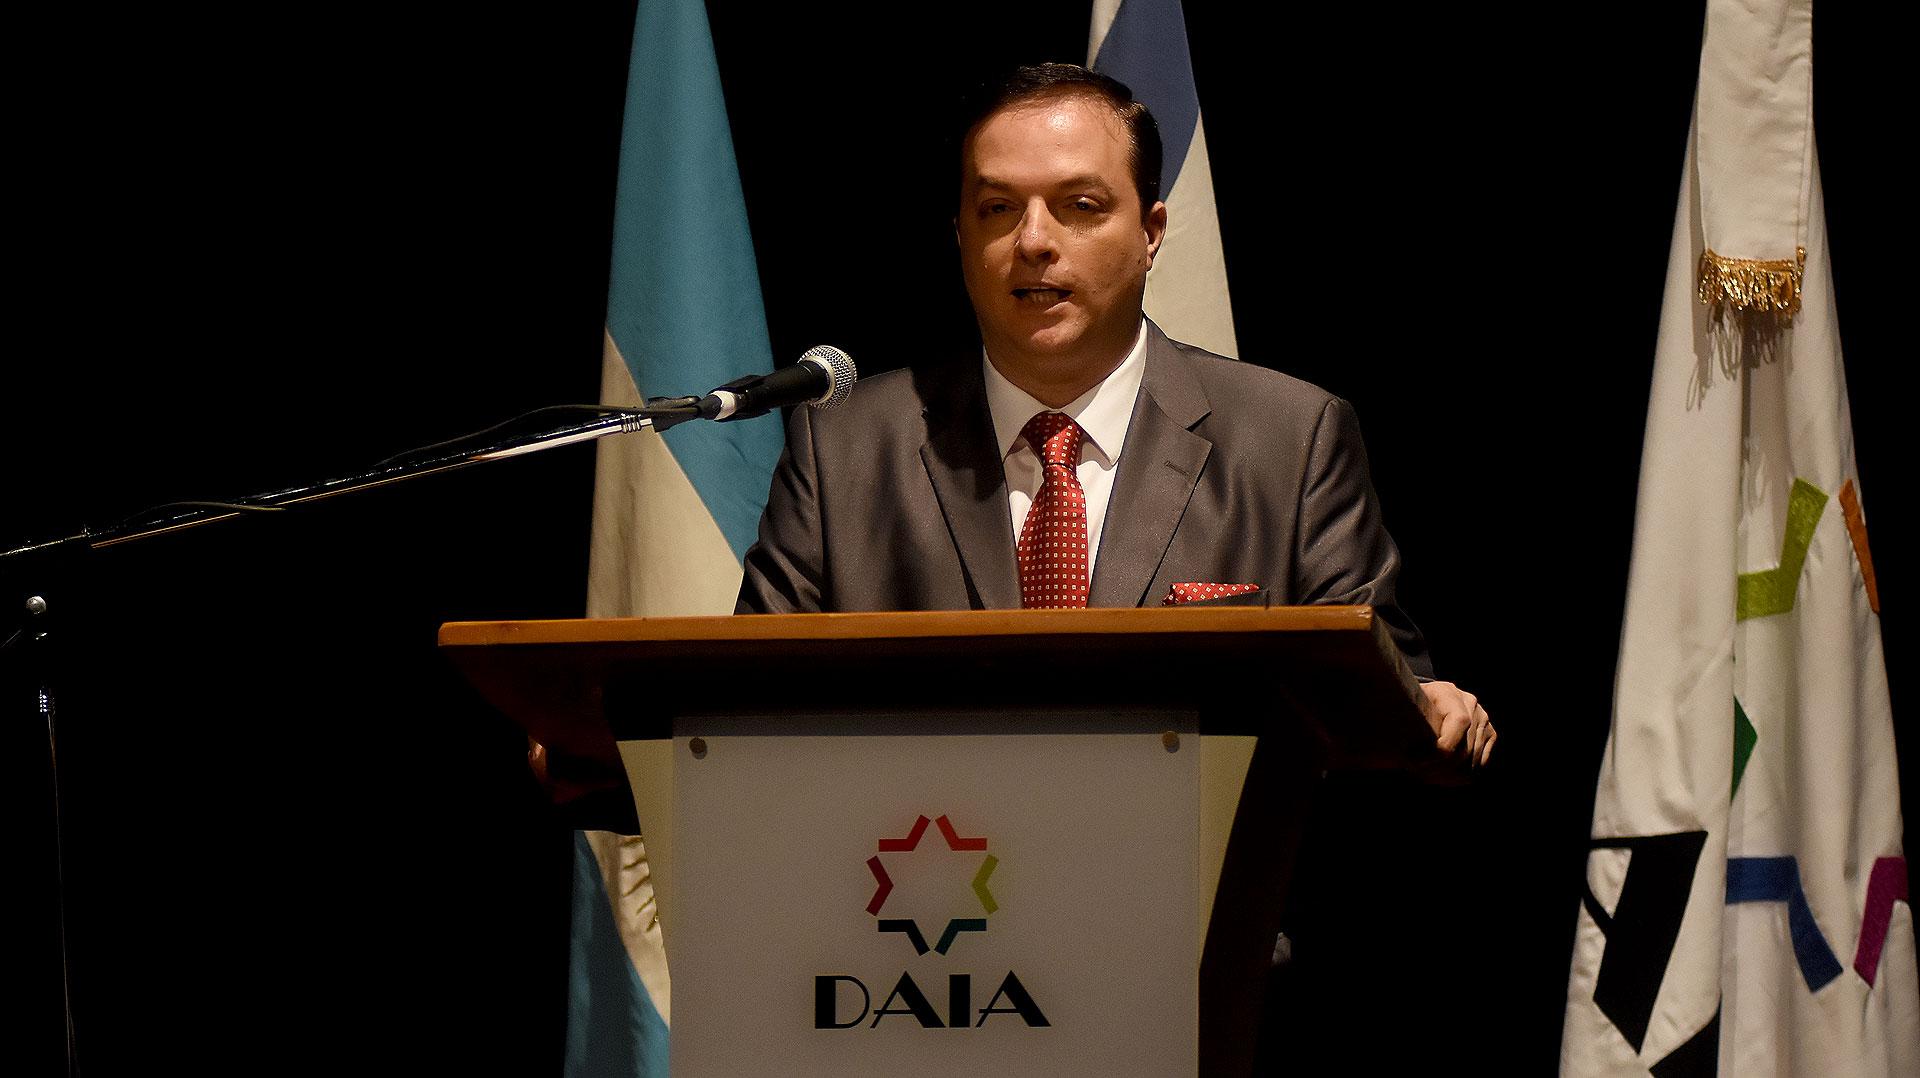 El discurso del presidente de la DAIA, Ariel Cohen Sabban, durante el acto por el Día del Holocausto y del Heroísmo, en conmemoración del 75° Aniversario del Levantamiento del Gueto de Varsovia